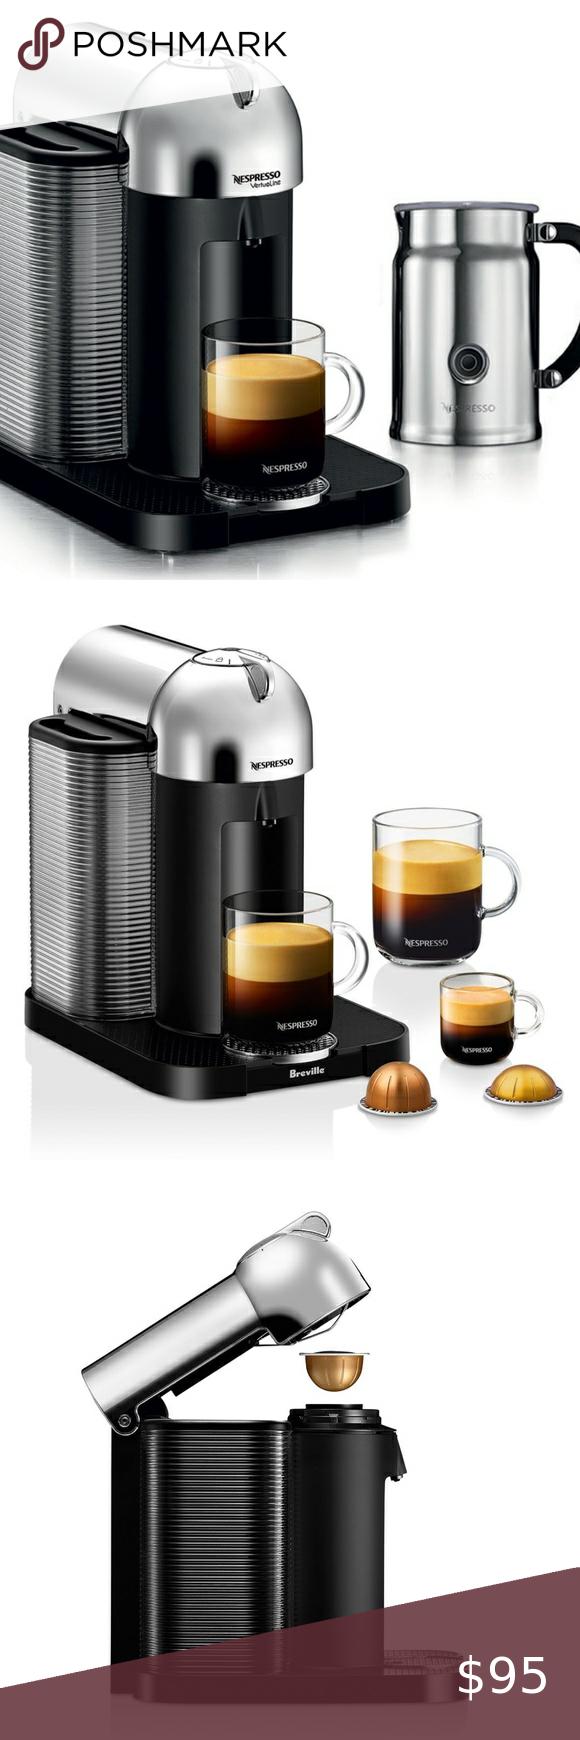 Nespresso Vertuo Chrome Aeroccino Milk Frother In 2020 Milk